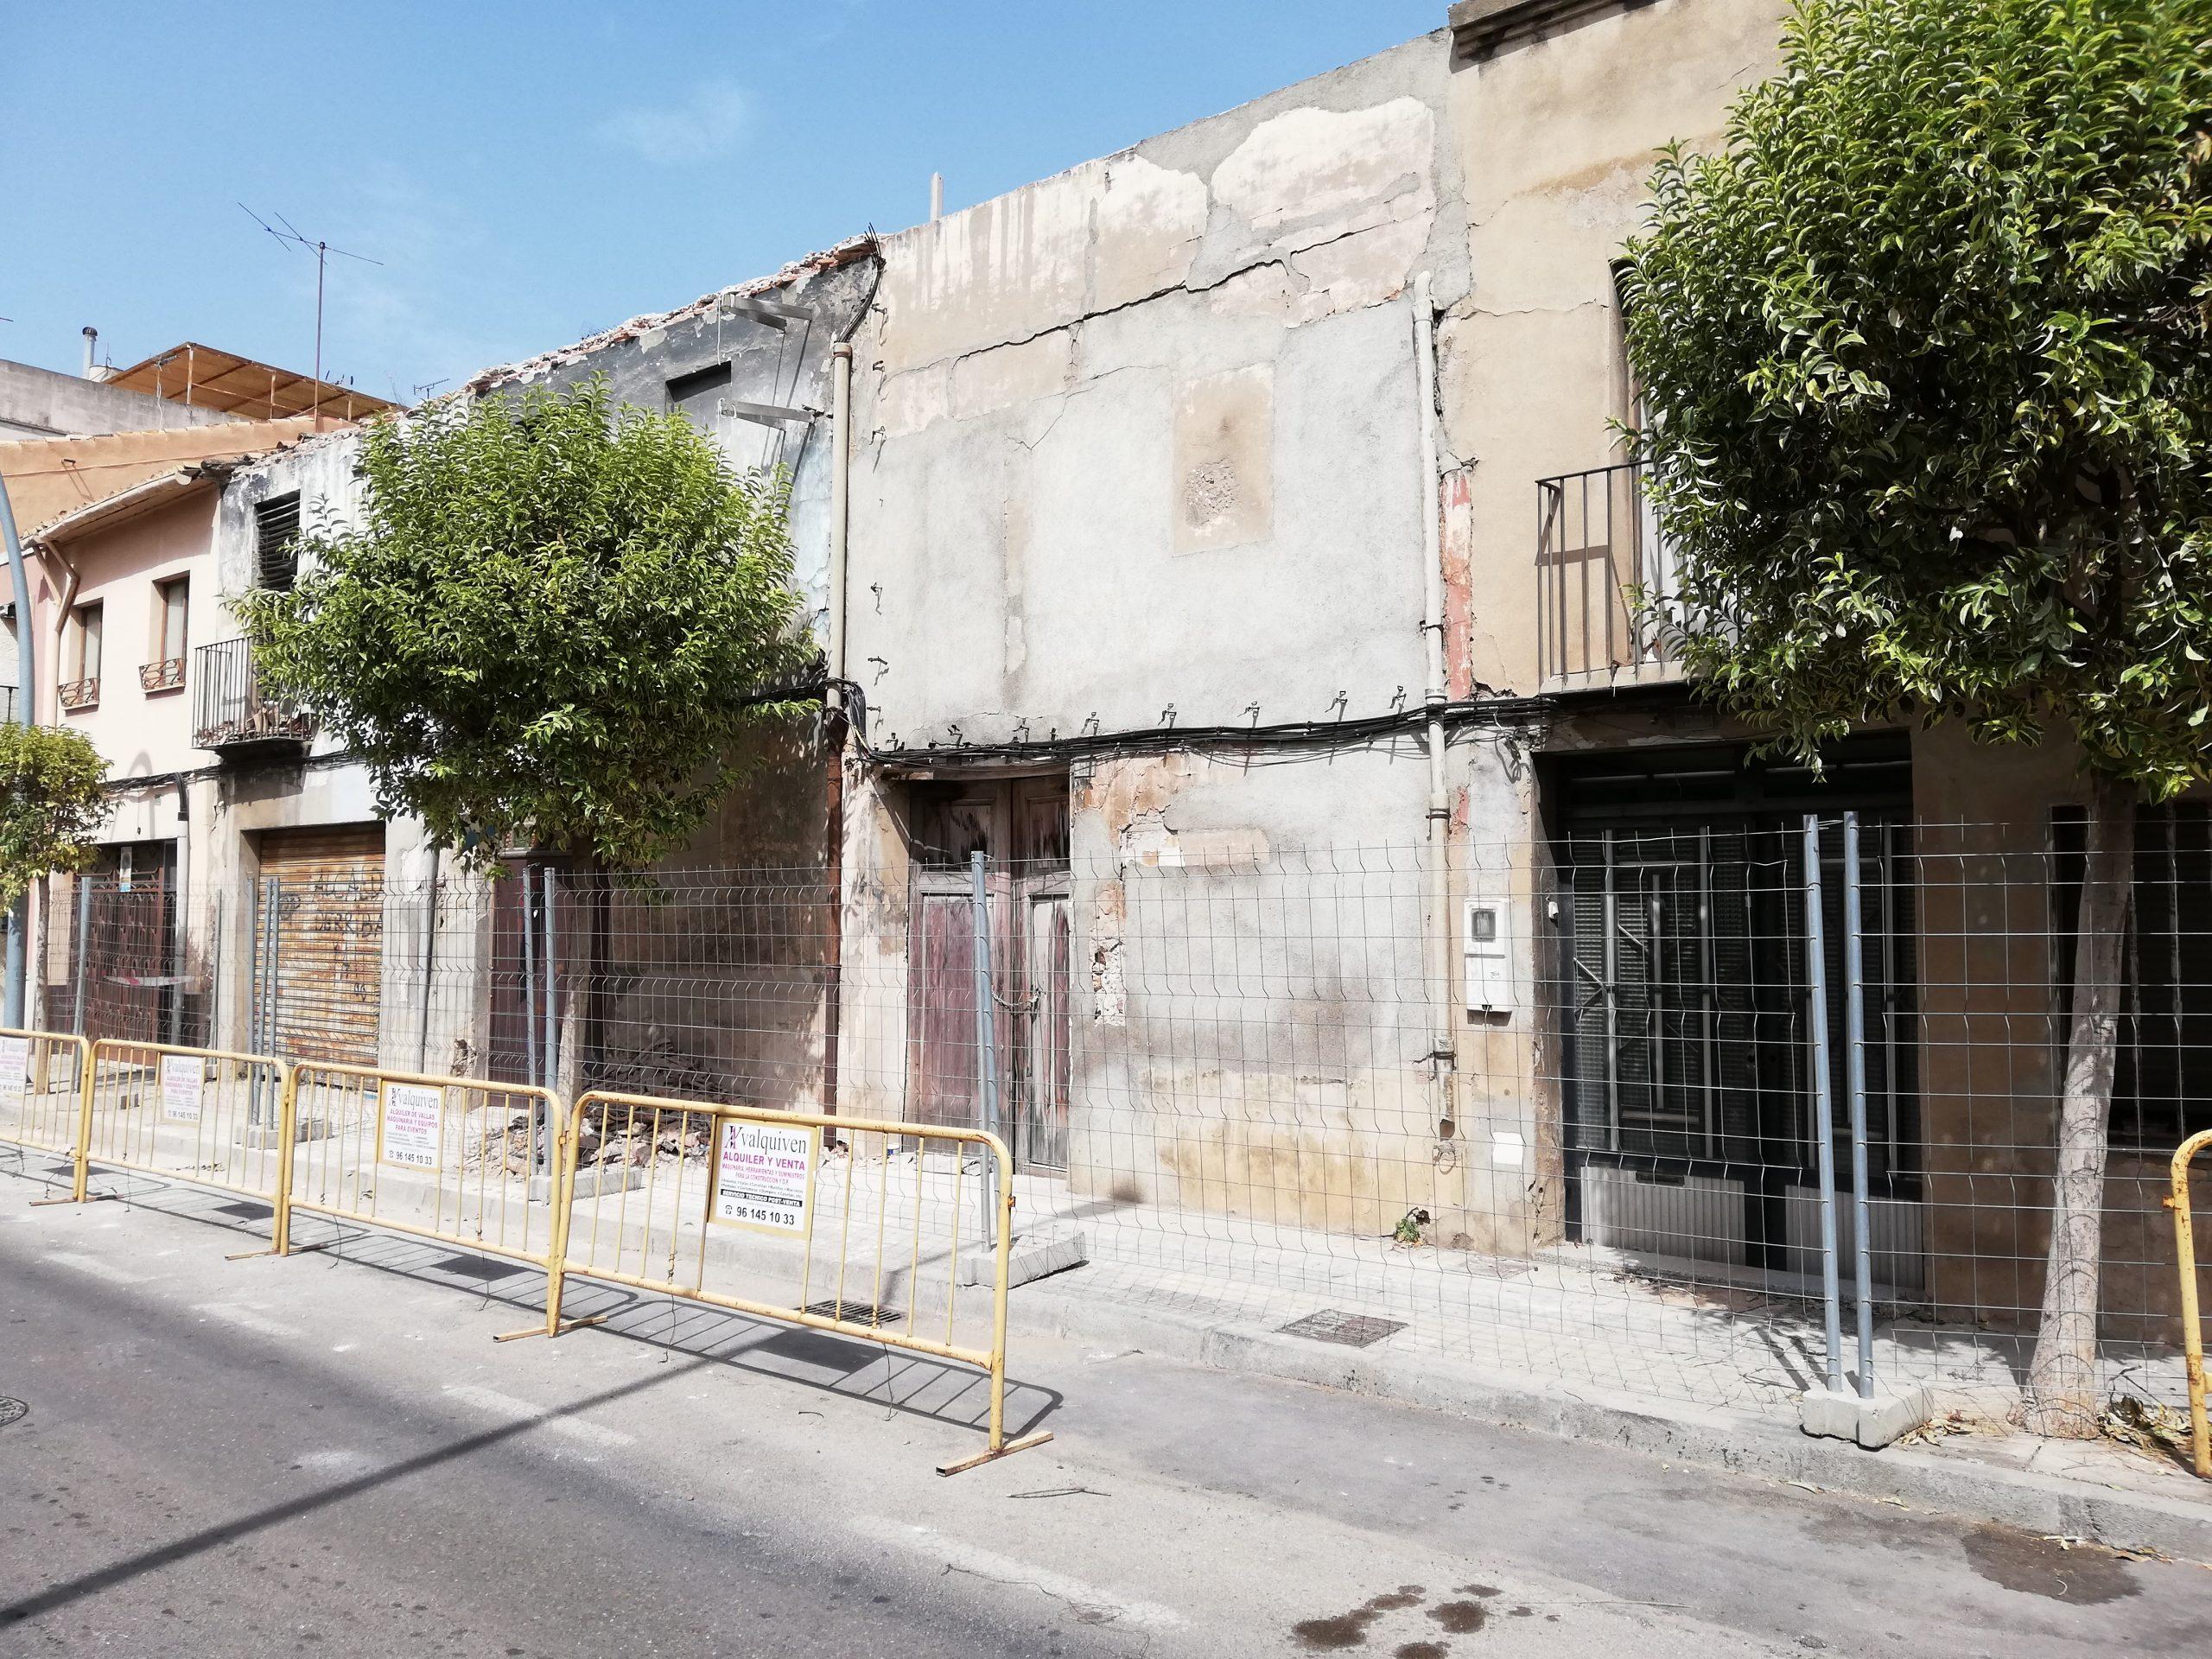 Vila-real soluciona otro 'empastre' urbanístico heredado con el derribo de cuatro casas en ruina en la calle Vicente Sanchis